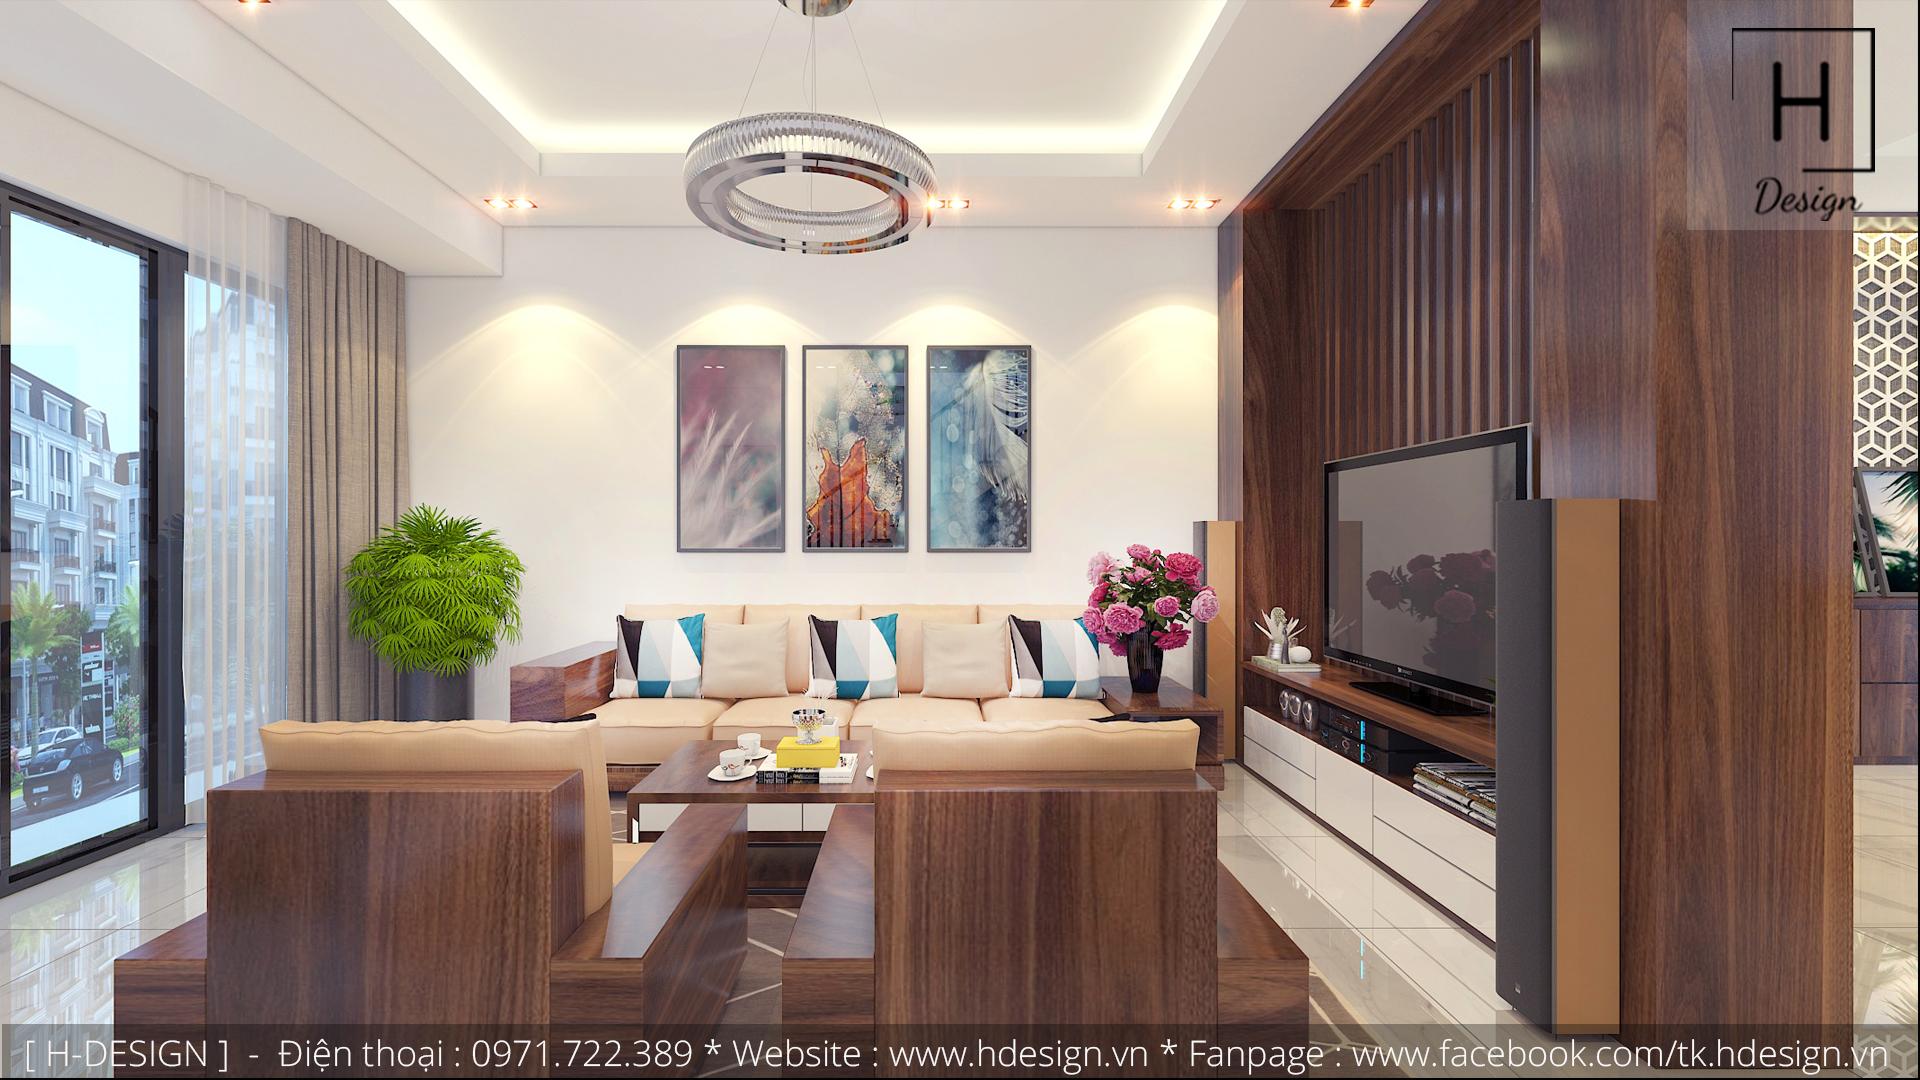 Thiết kế thi công nội thất nhà phố đẹp tại Tây Hồ - Hà Nội 2